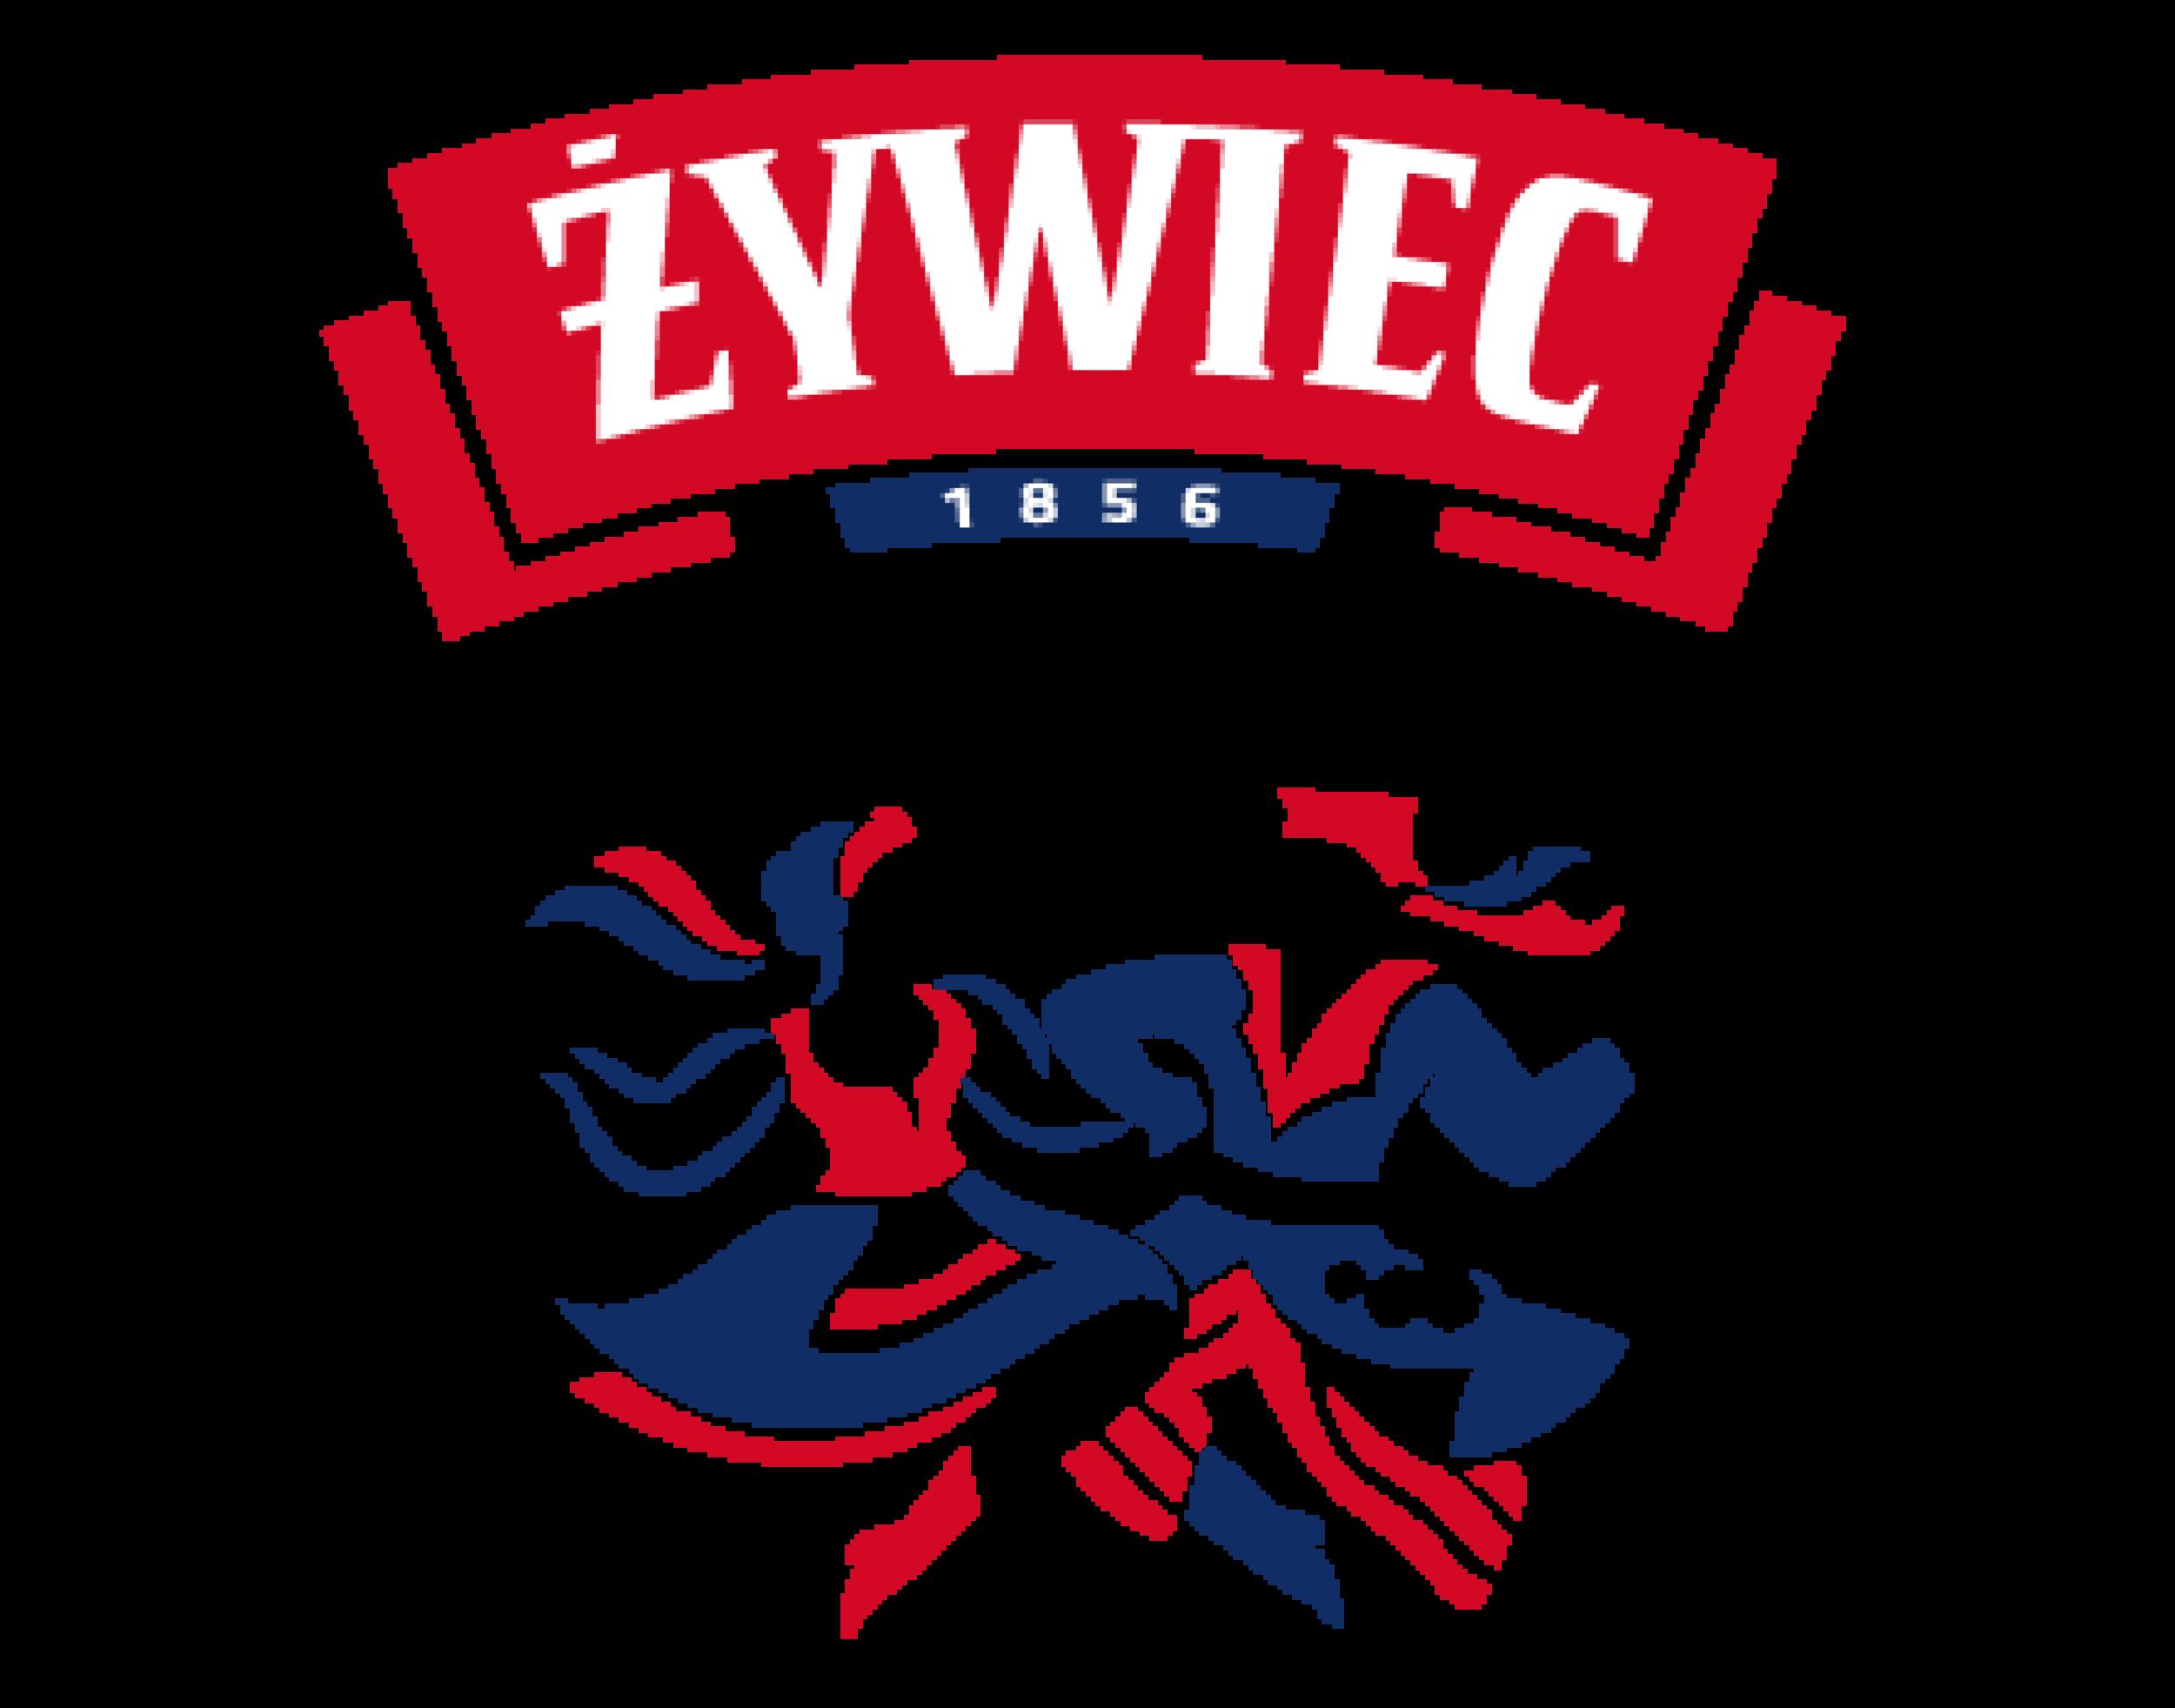 Zywiec logo. Links to Zywiec website.